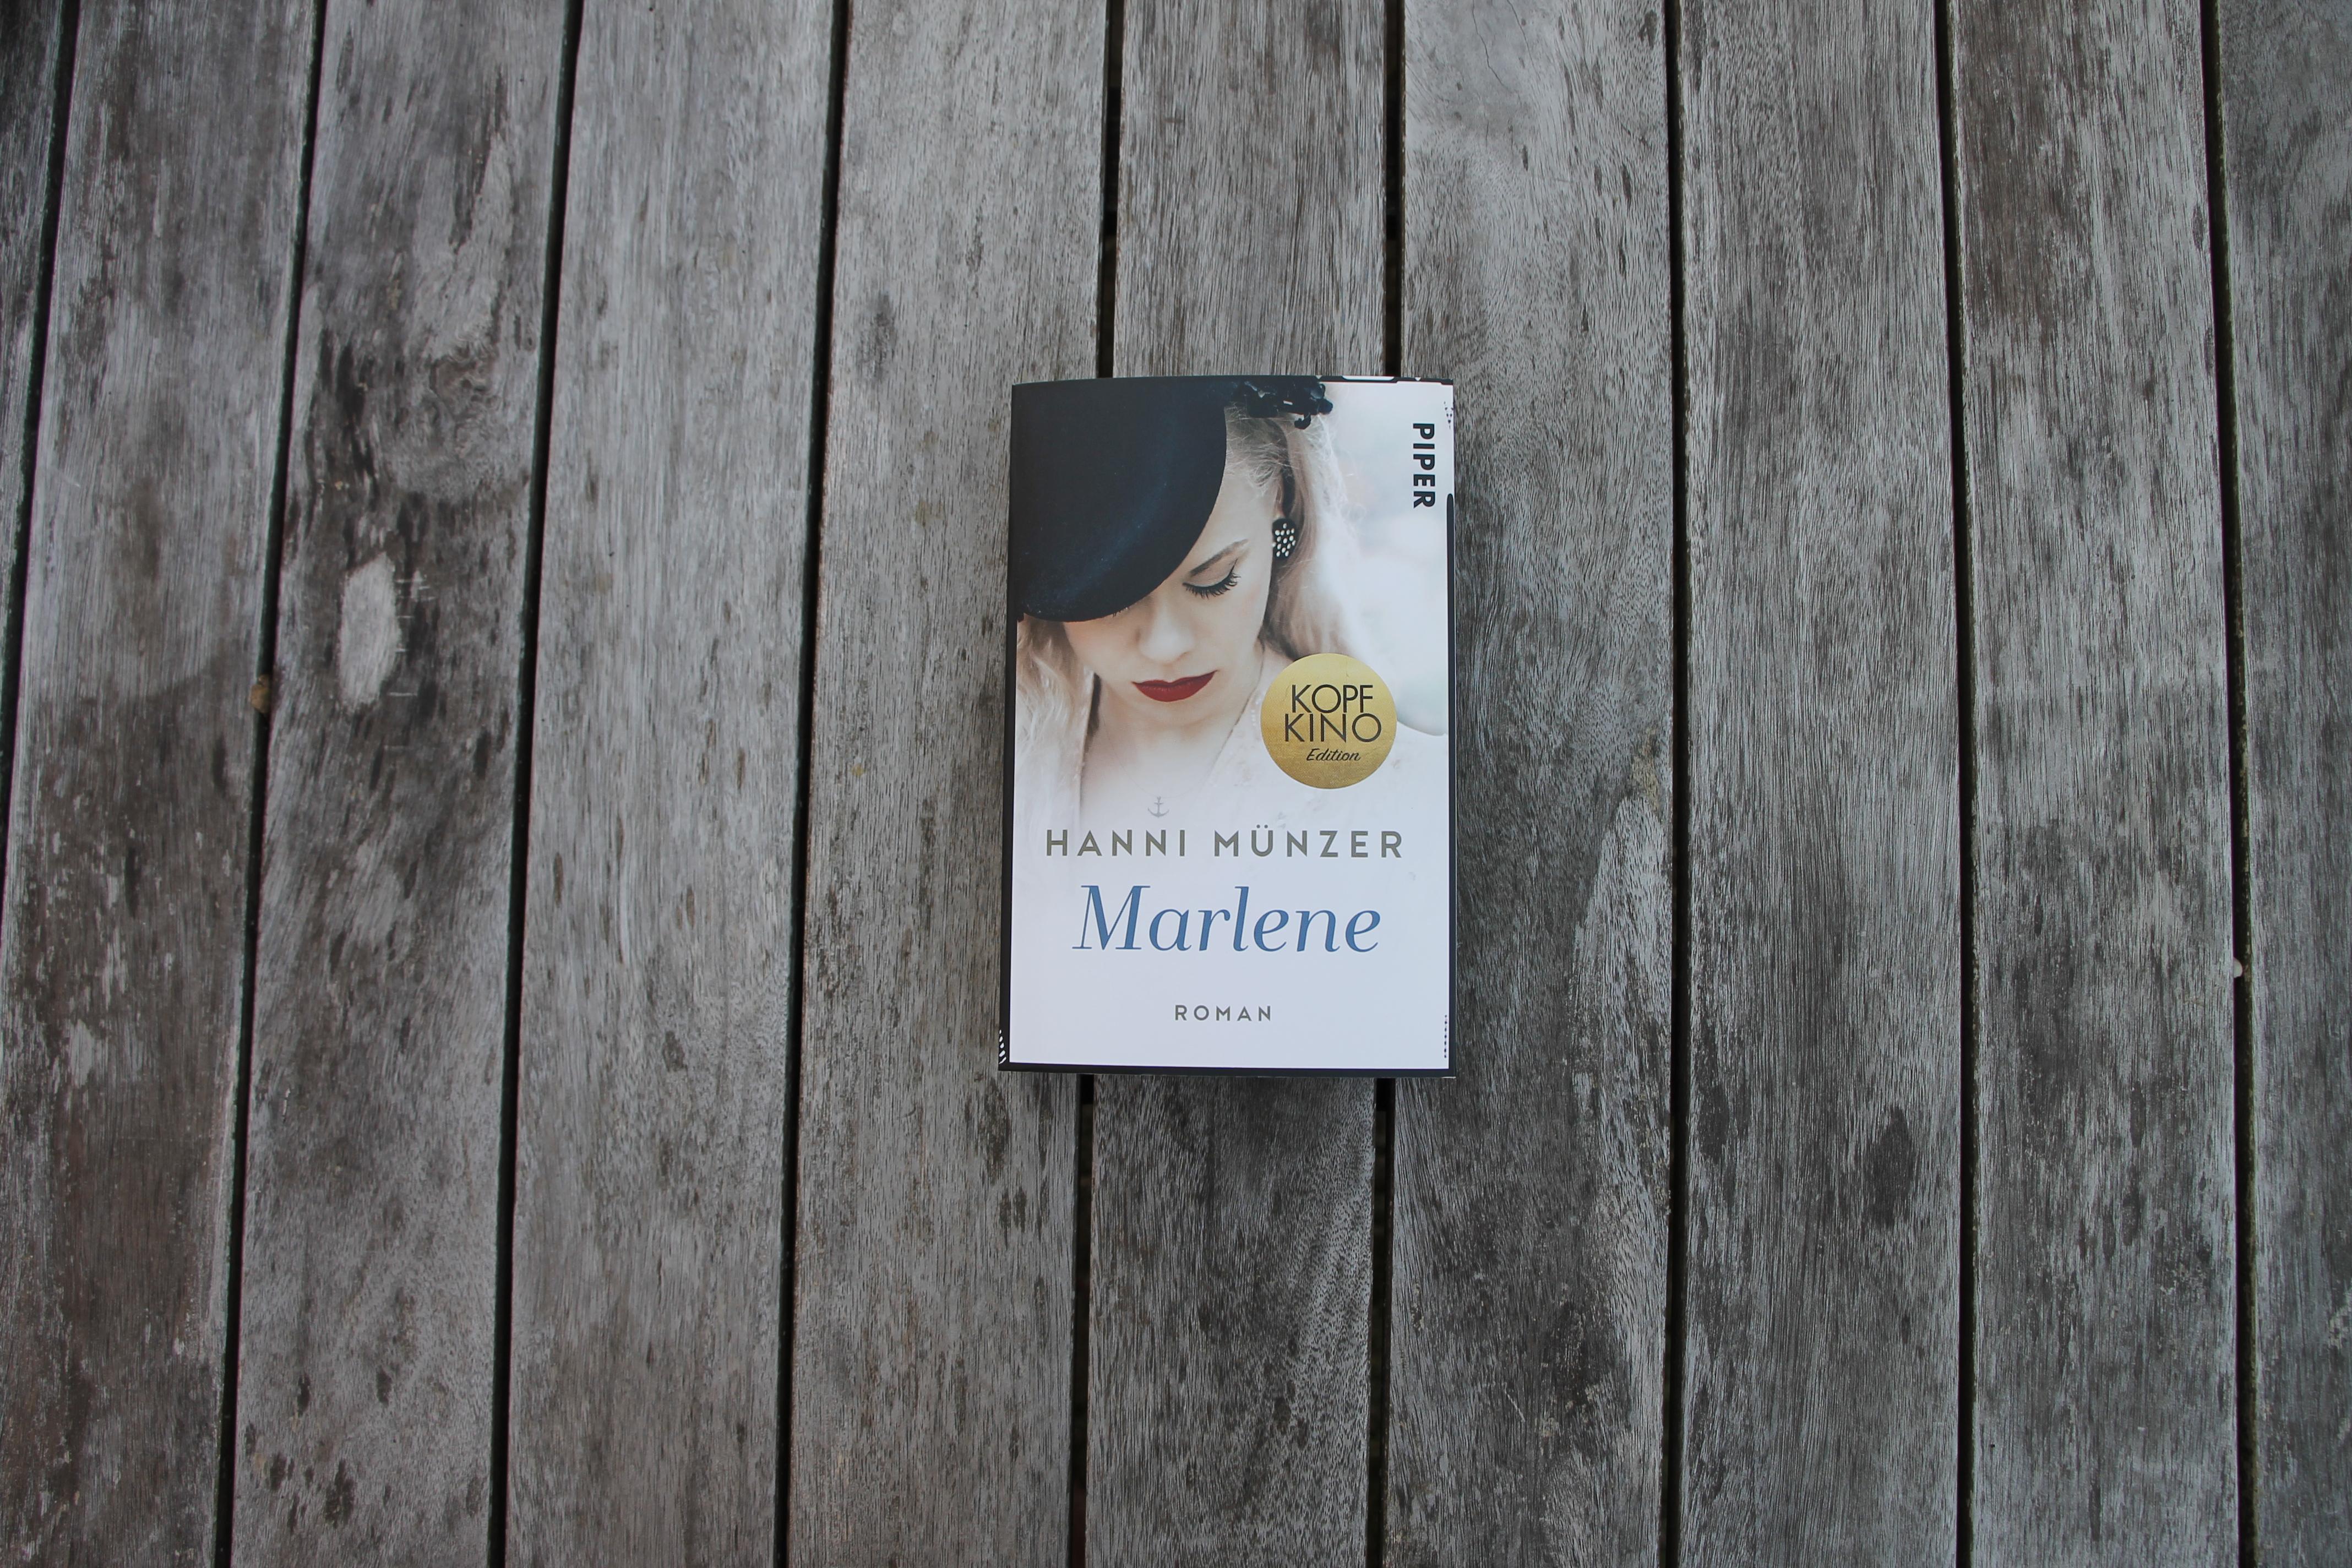 Hanni Münzer Marlene Lavendelblog